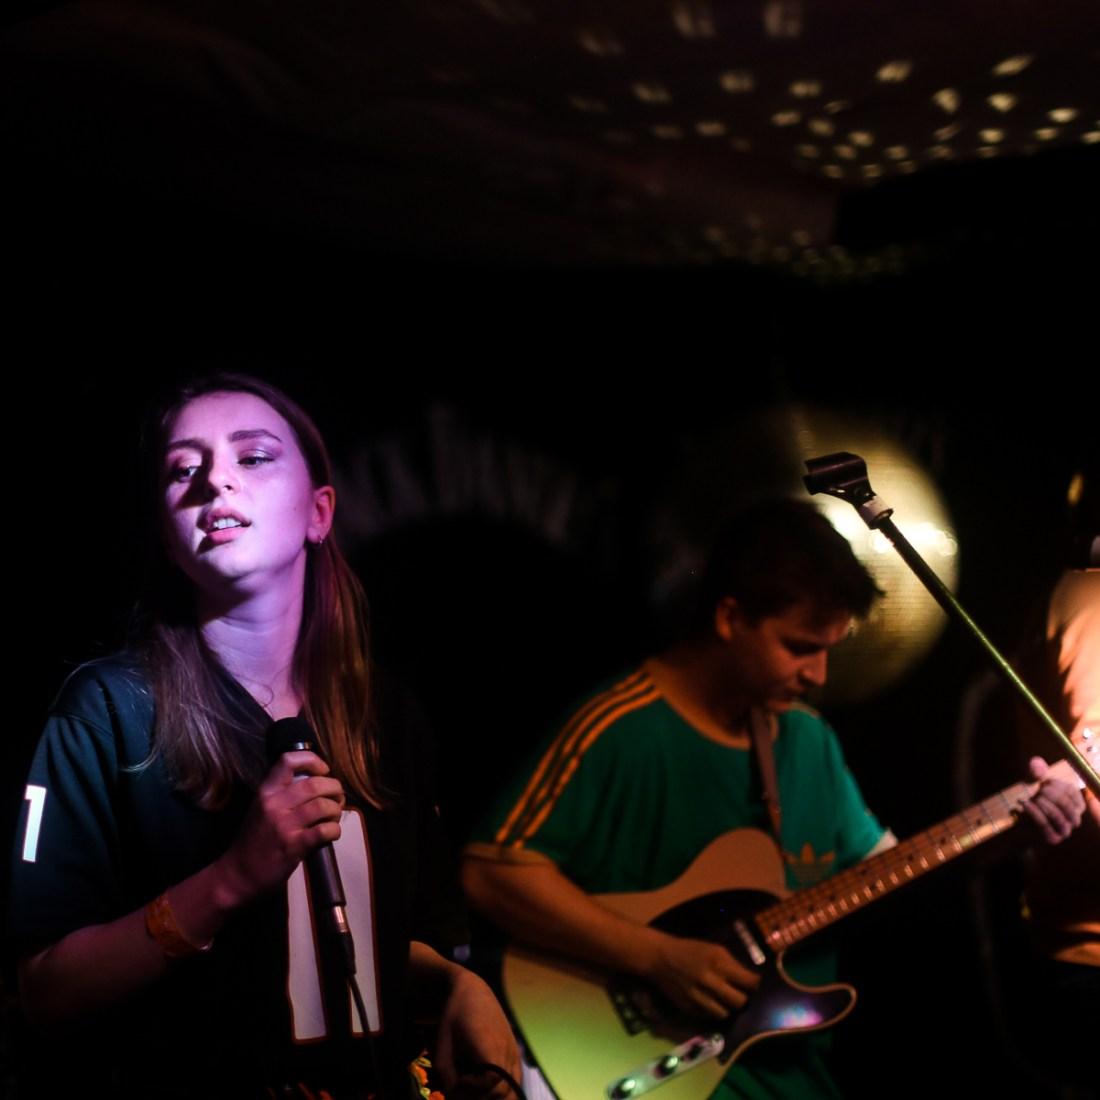 Photo of Jumanji featured on Hidden Herd new music blog